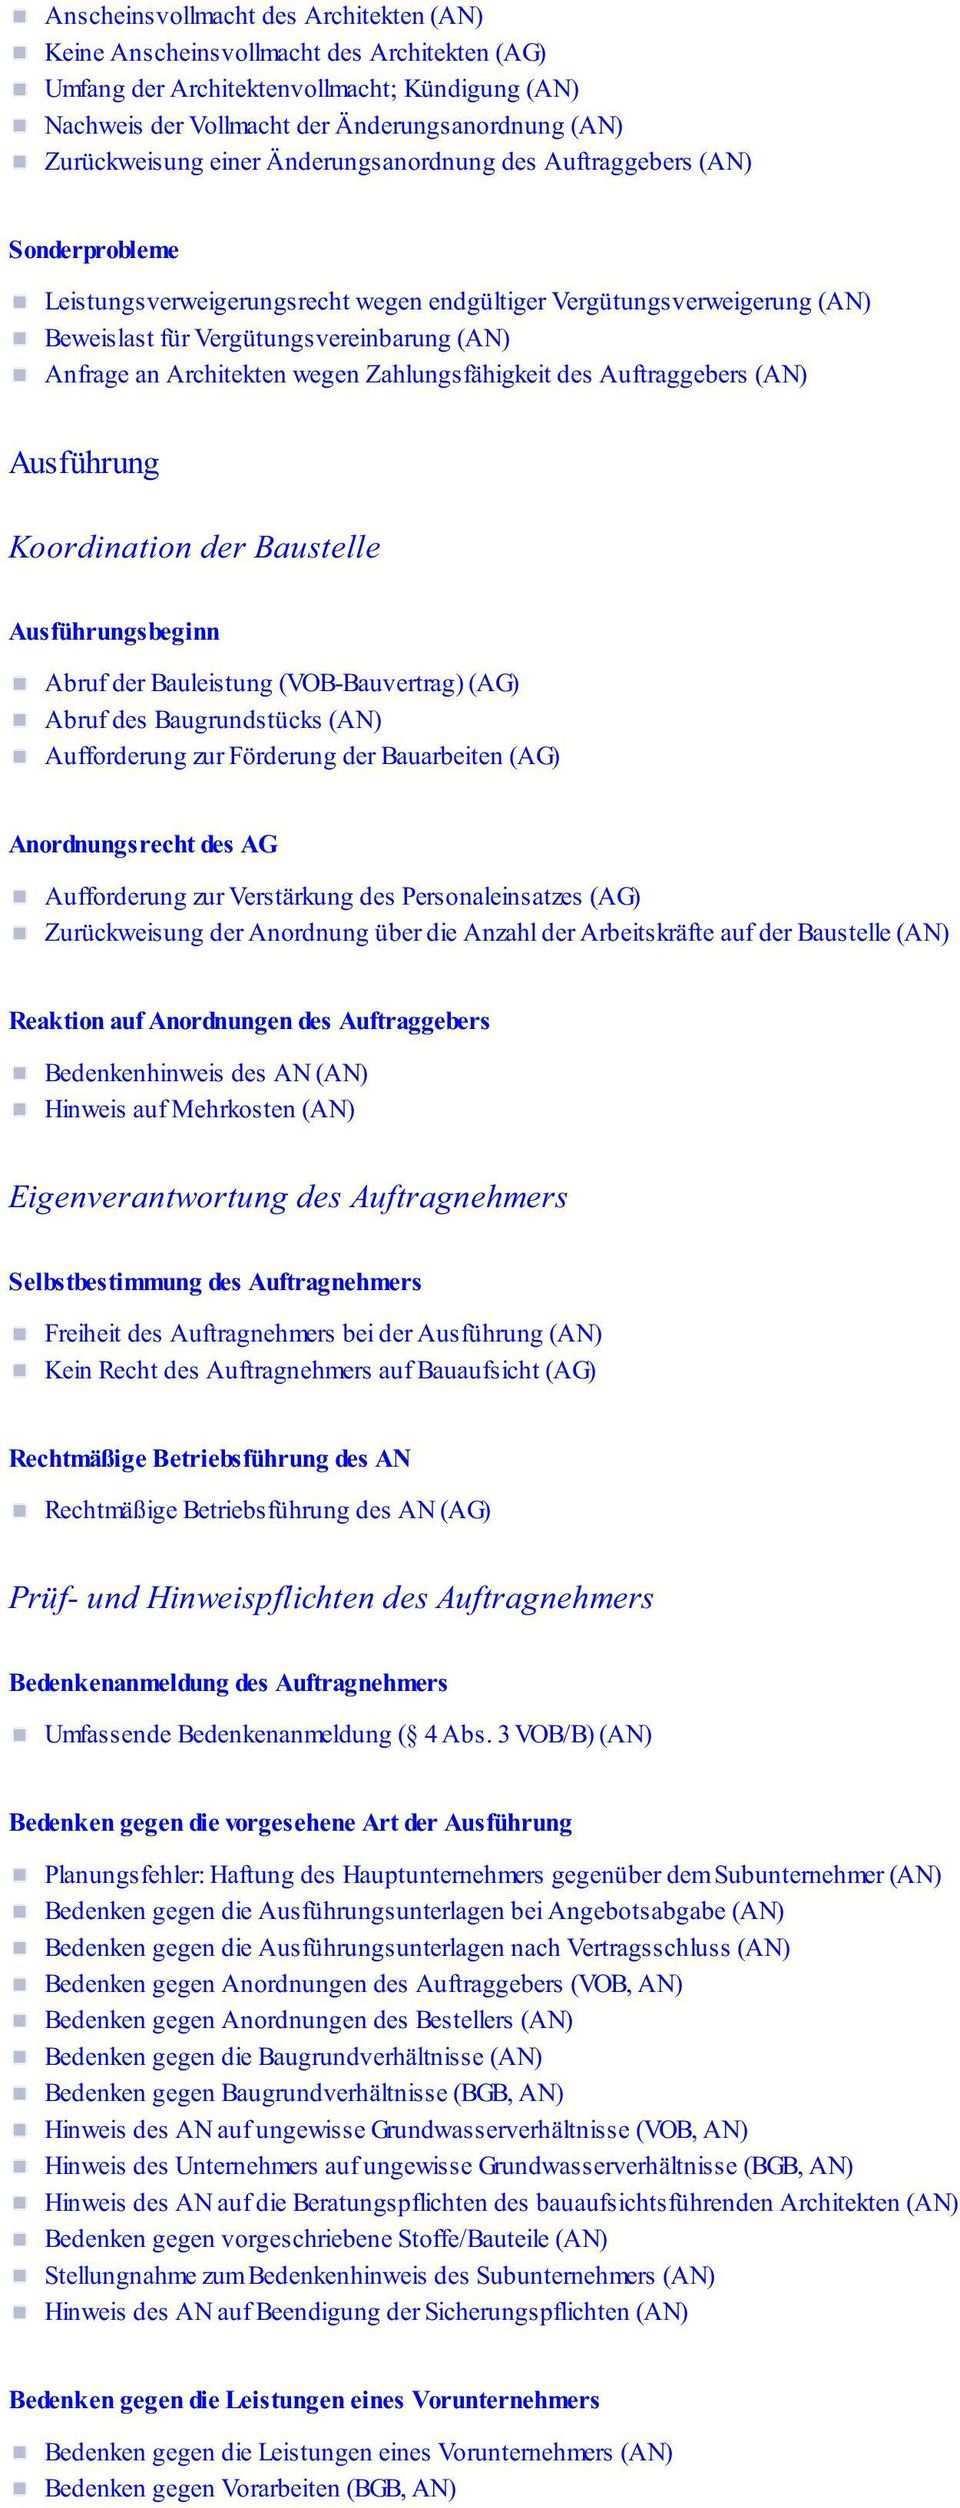 Mustervertrage Und Briefe Nach Hoai Und Vob Pdf Free Download